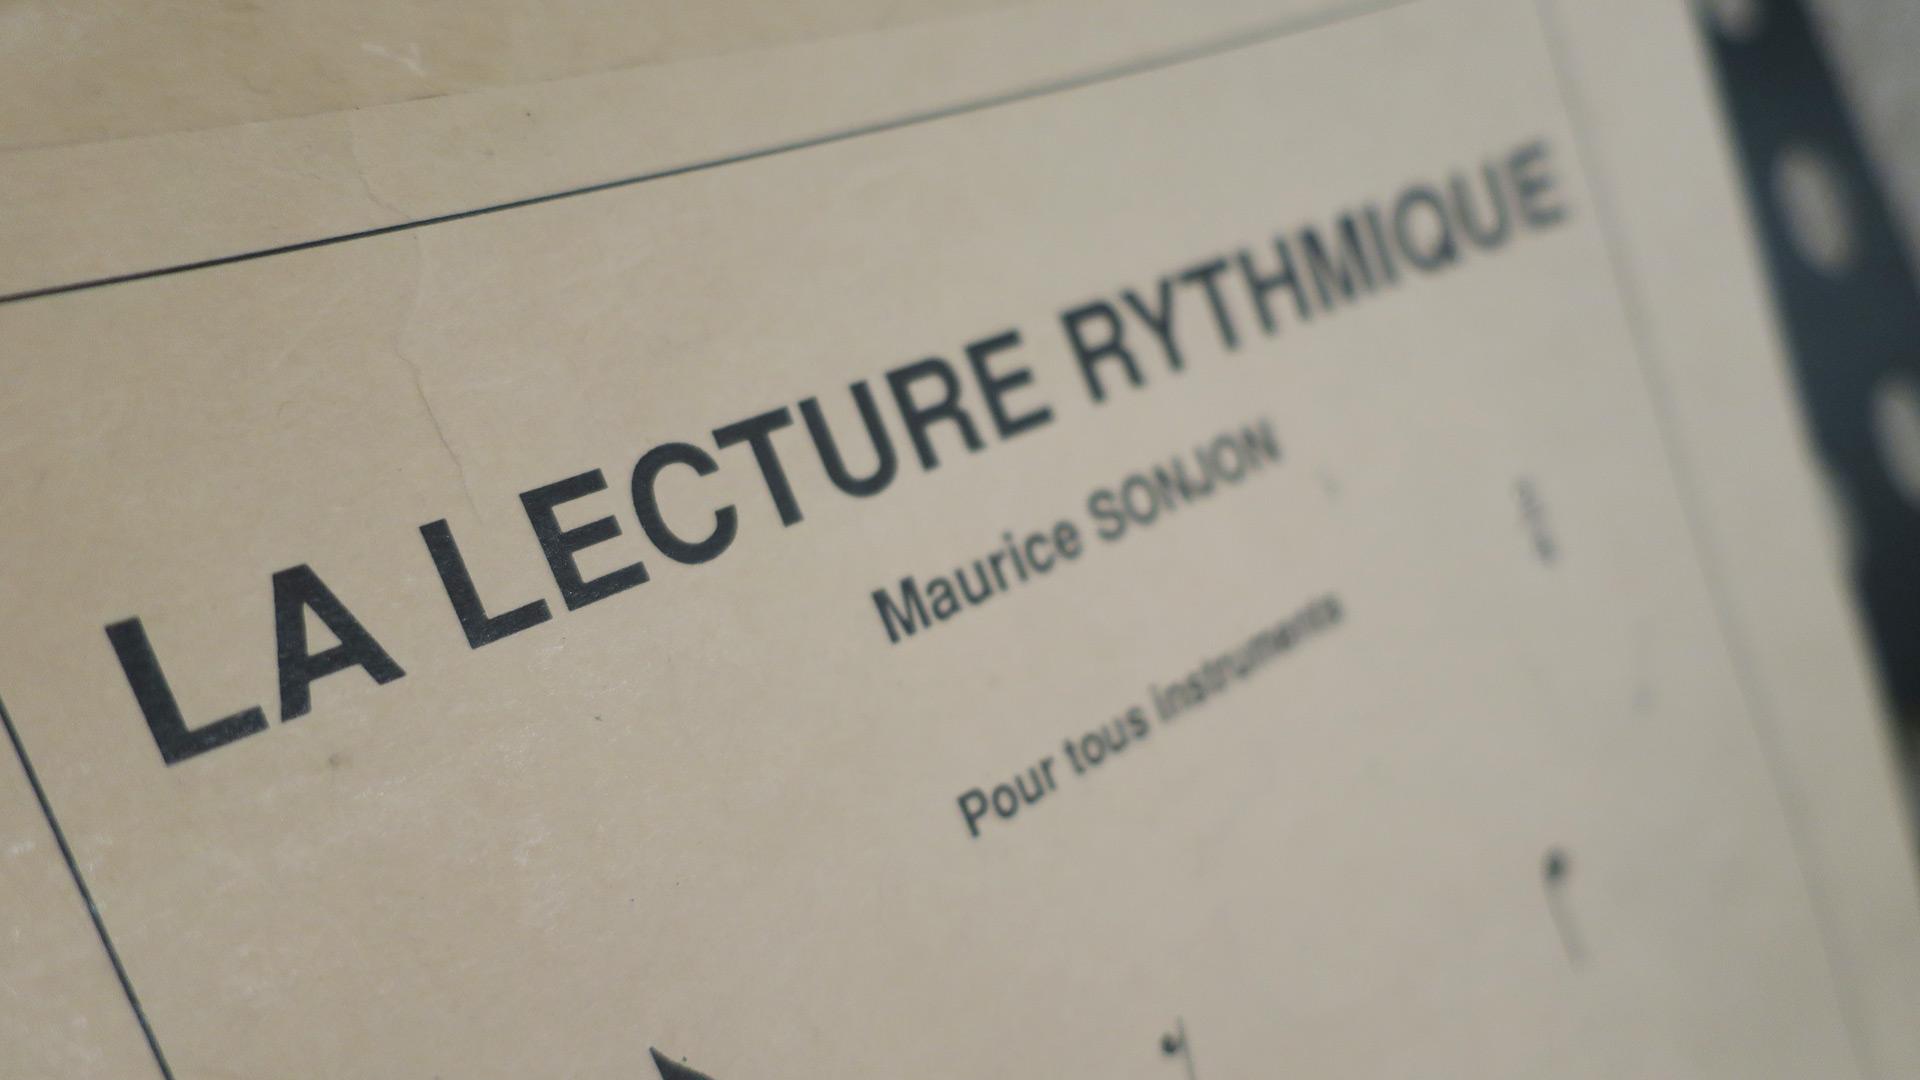 la lecture rythmique